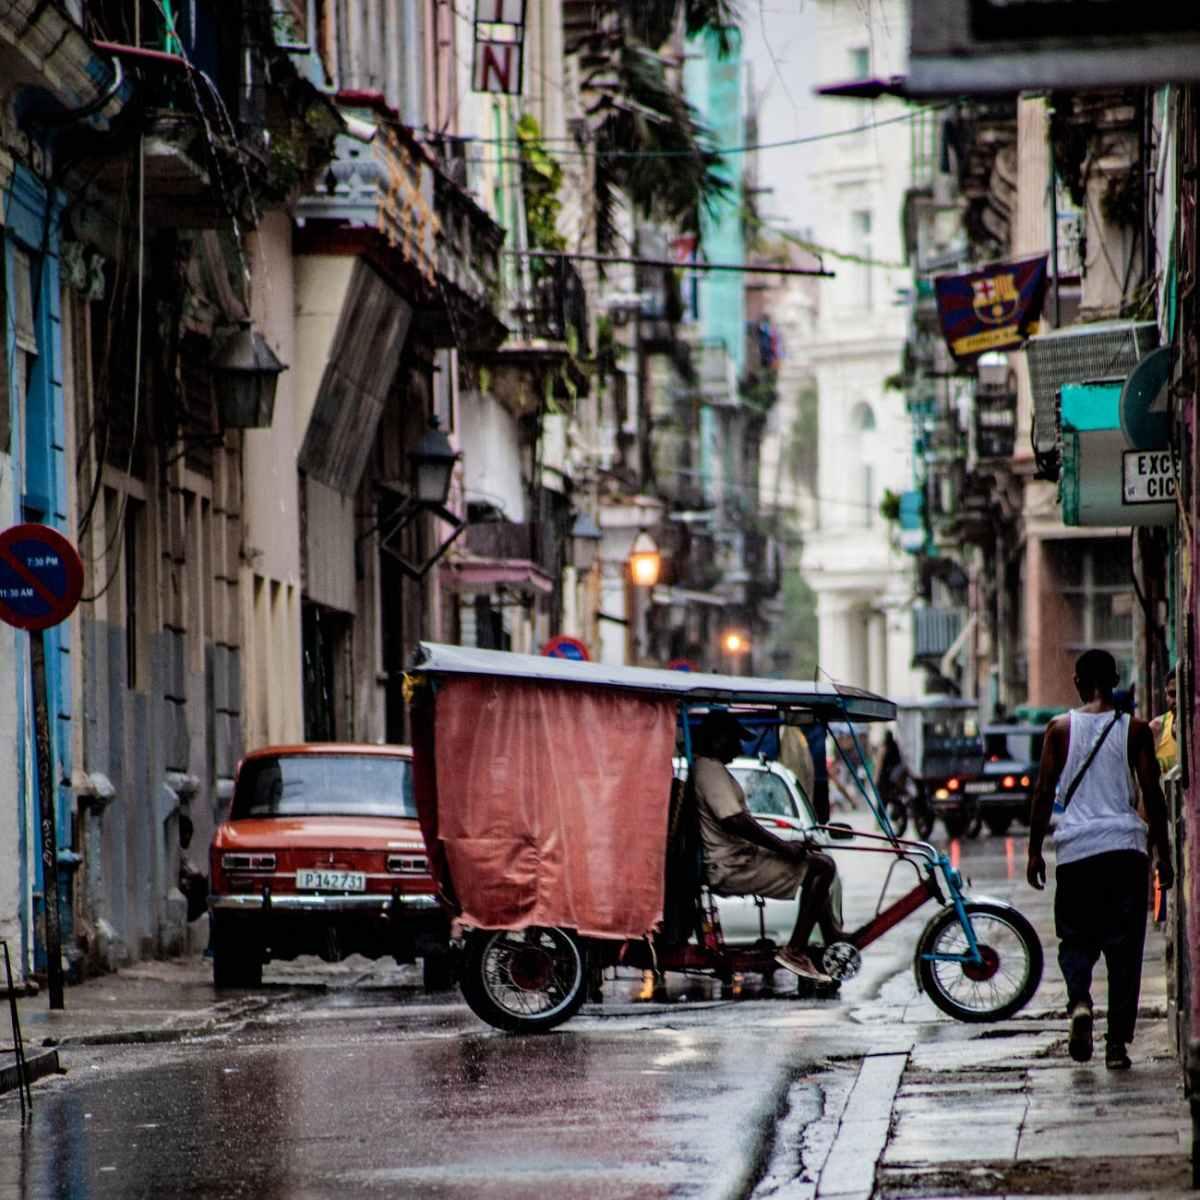 DÍAZ-CANEL CIERRA VÍAS A LA DEMOCRATIZACIÓN DE CUBA AL PROHIBIR TRABAJOS POR CUENTAPROPIA